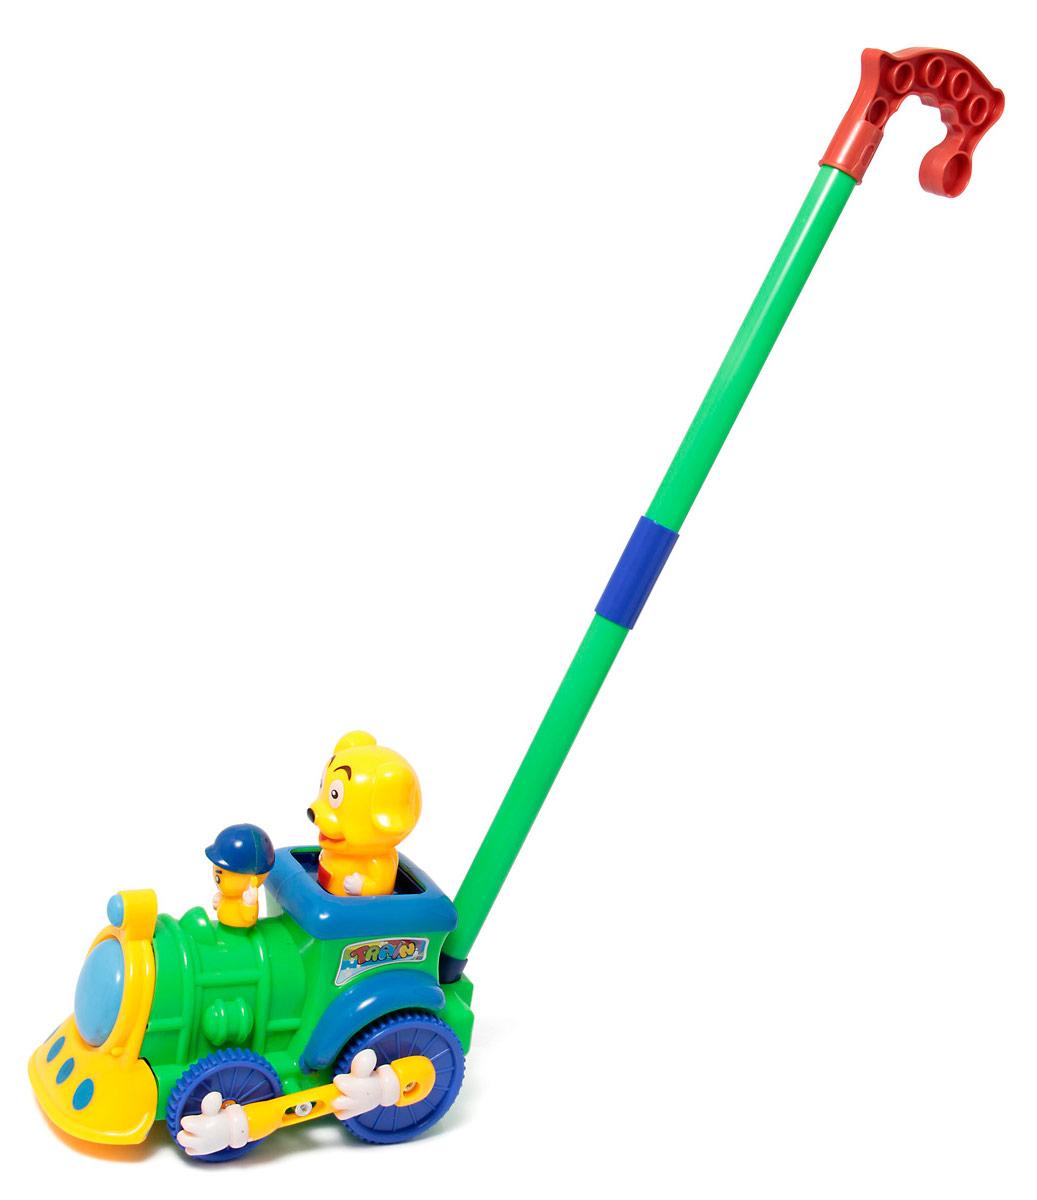 Ami&Co Игрушка-каталка Поезд44416Веселый поезд с двумя пассажирами. Ребенок катает игрушку по полу - пассажиры при движении забавно приподнимаются вверх-опускаются вниз, приводя в движение колесный соединитель в виде рук. При катании игрушка издает звук колокольчика. Палка (сборная) вставляется в игрушку. Детская складная каталка предназначена для малышей, которые уже начали ходить самостоятельно. Яркие, забавные образы принесут радость и веселье во время игр. Гремящие, шуршащие элементы развлекут вашего малыша. Модель поможет развить координацию движения, тактильные навыки и мелкую моторику рук ребенка, а издаваемые ею звуки активно стимулируют его слух.